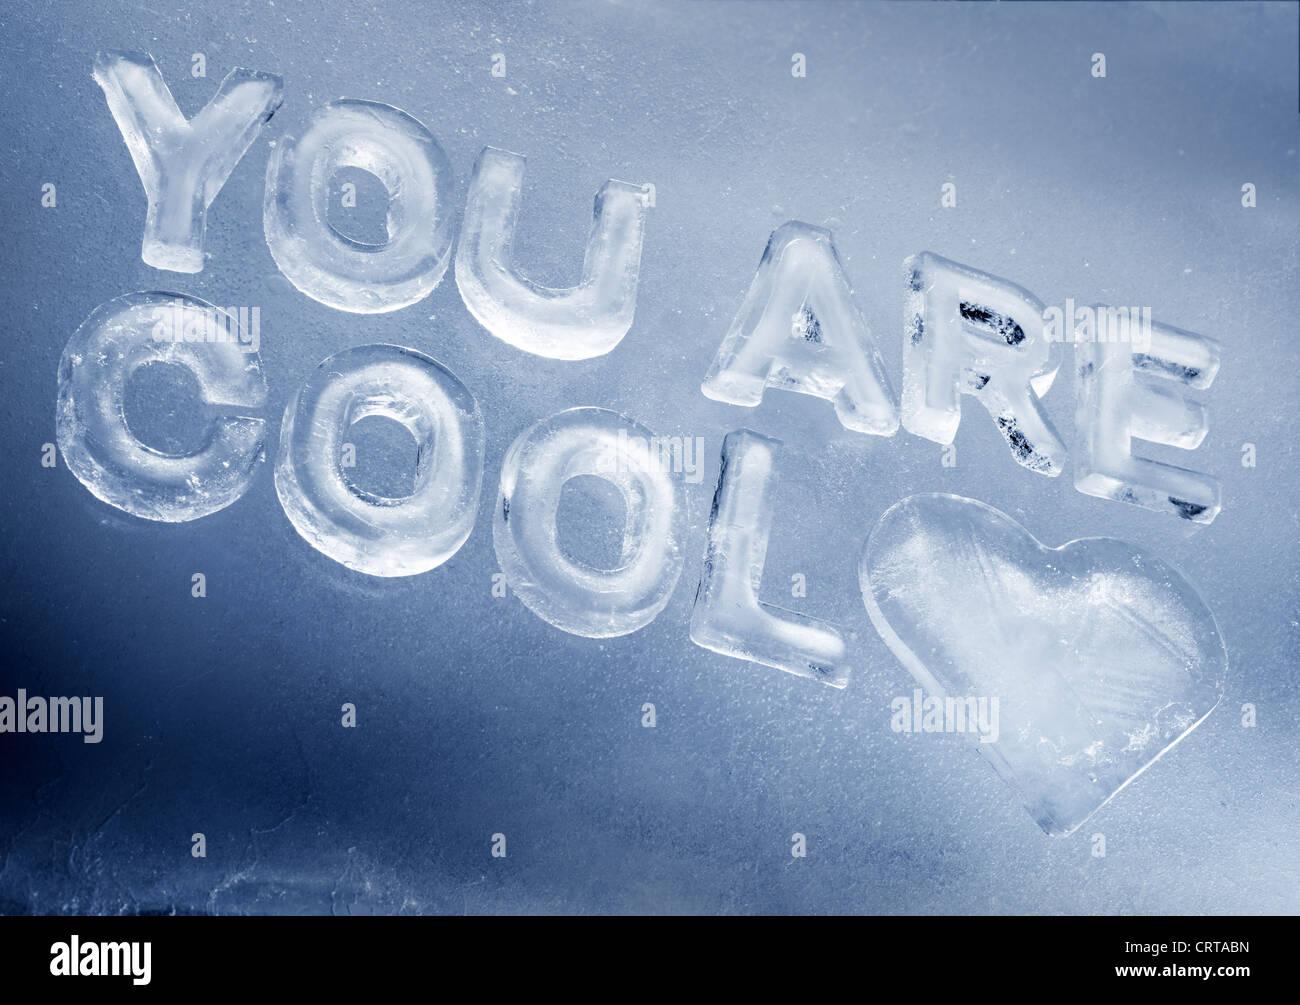 """""""Sie sind Cool"""" mit echtem Eis Briefe geschrieben. Stockbild"""